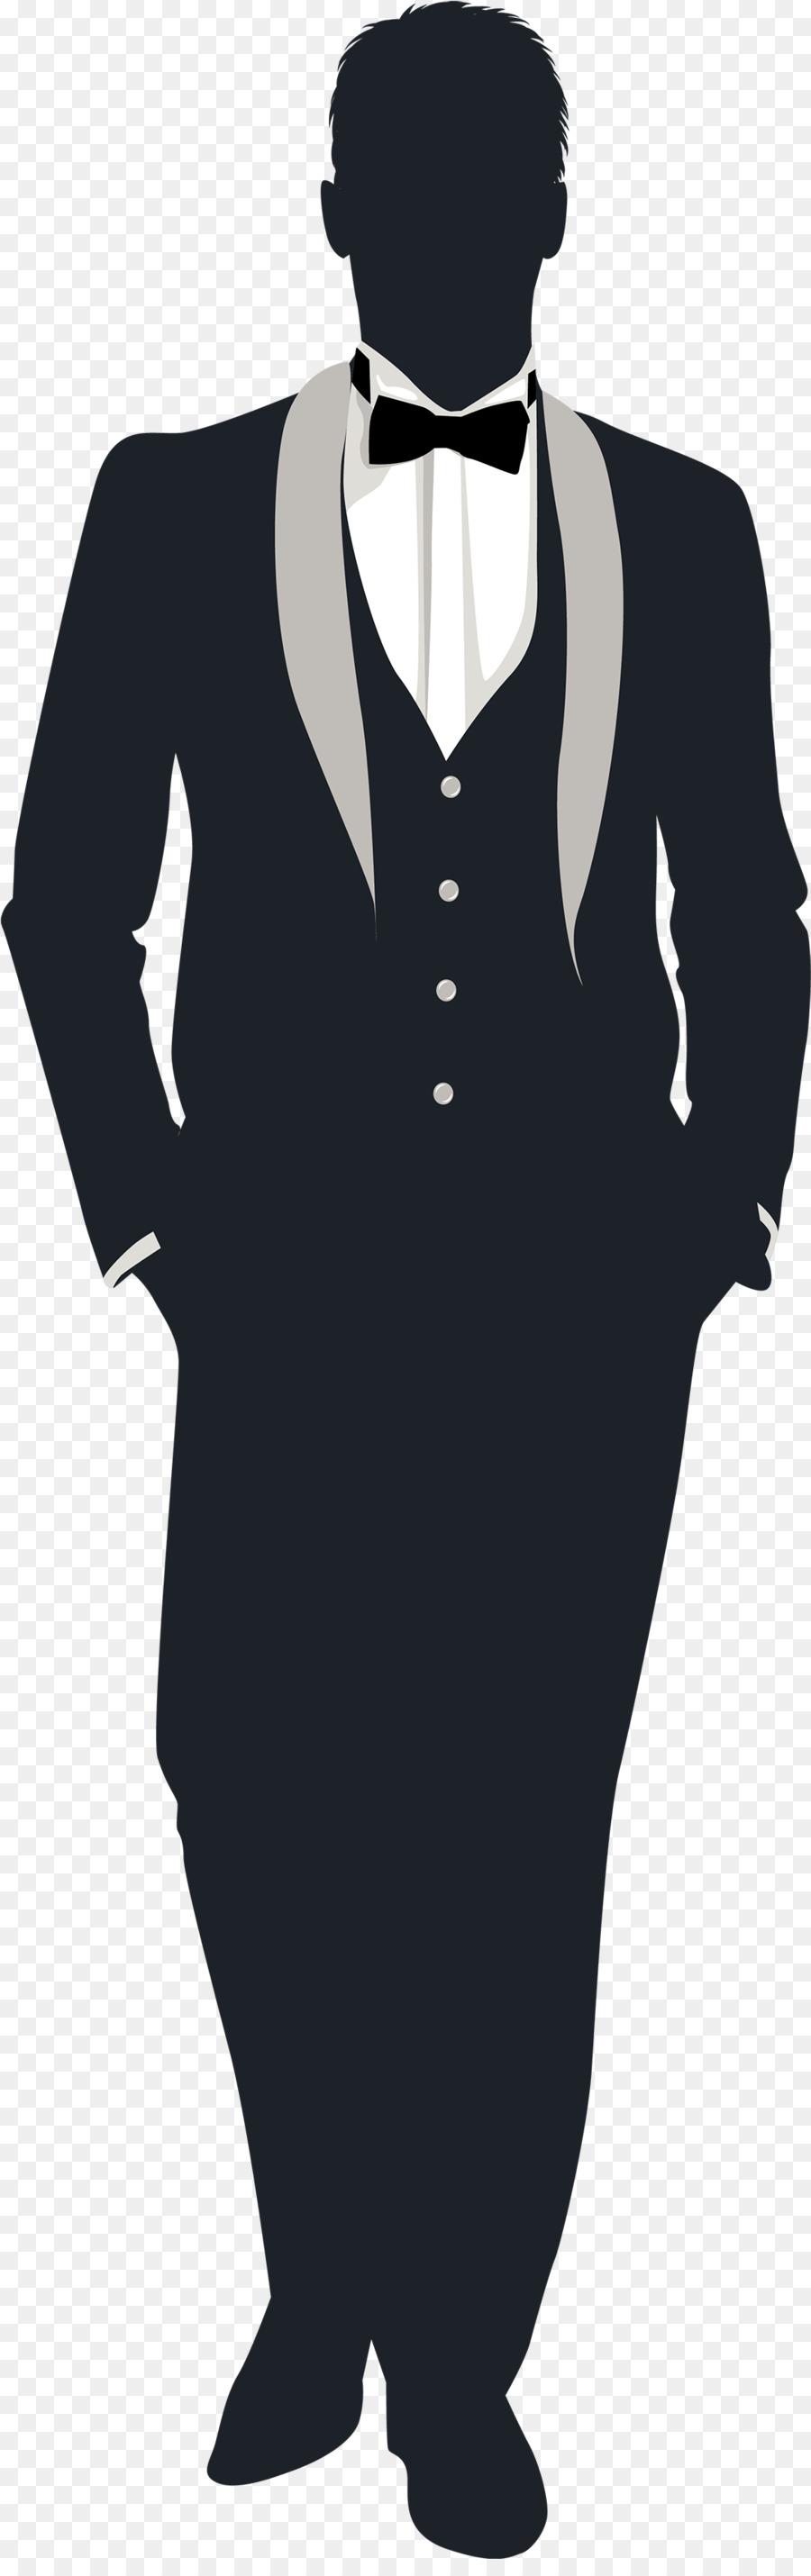 необычные картинки черно-белые силуэт мистер бонд списка фильм